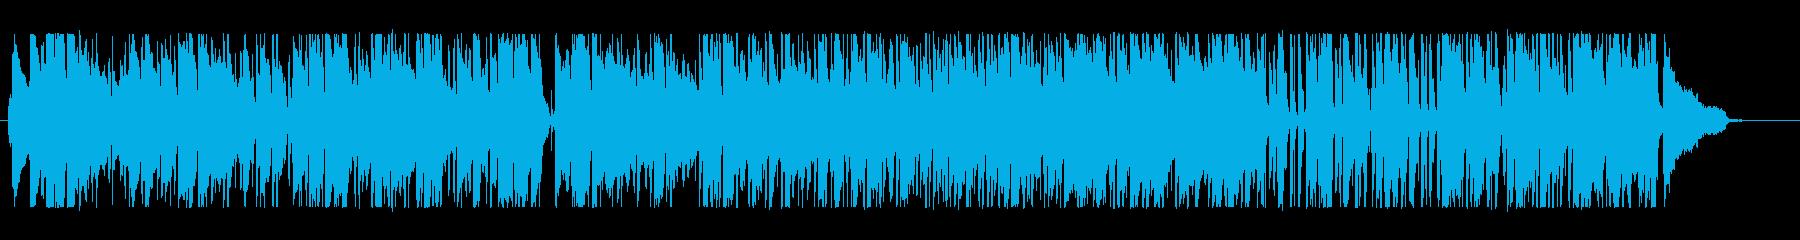 晴れやかでオシャレなサックス生演奏の再生済みの波形